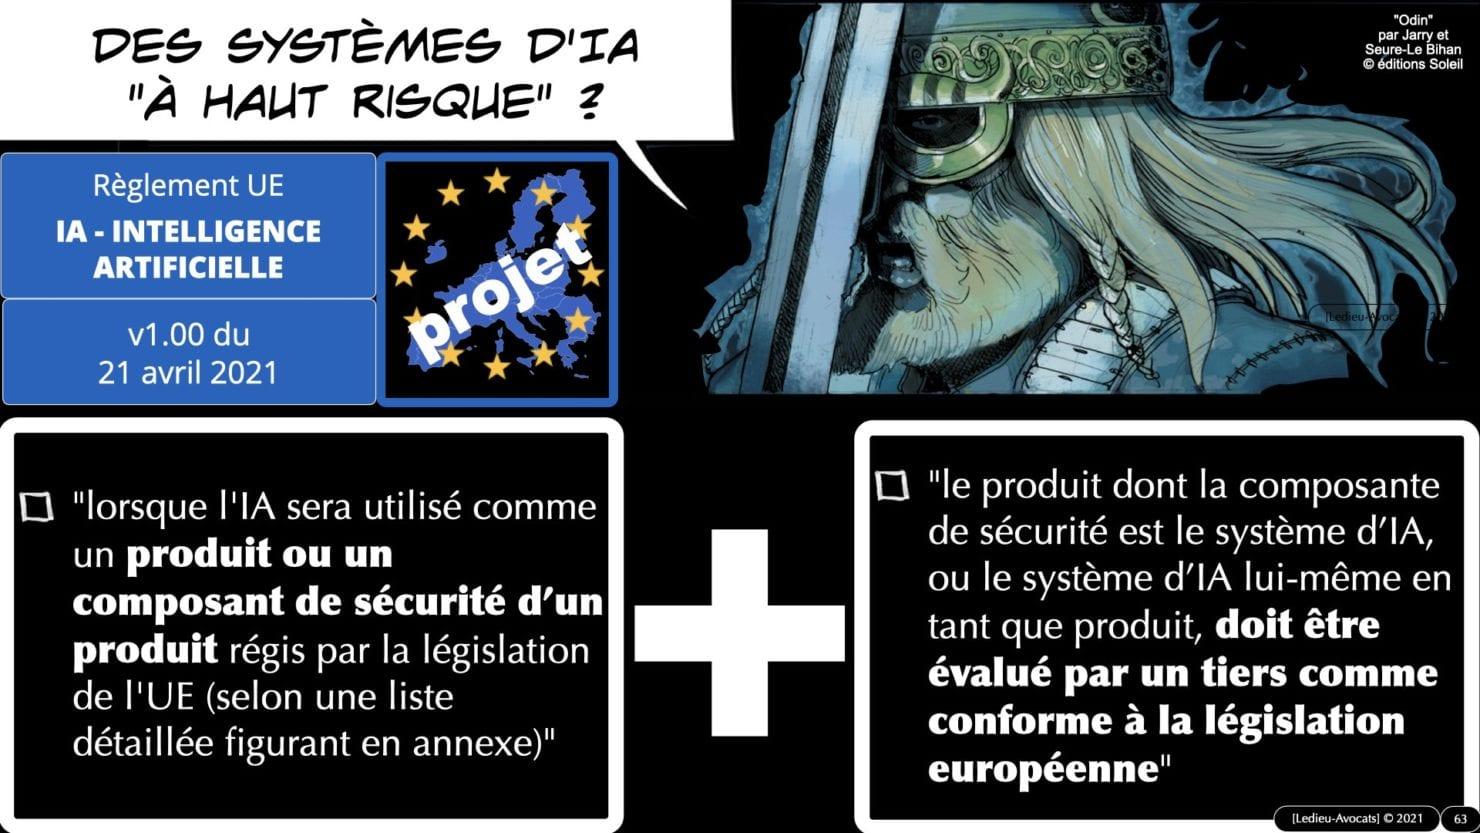 335 Intelligence Artificielle 2021 et AI Act [projet de Règlement UE] deep learning machine learning © Ledieu-Avocats 04-06-2021 *16:9*.063